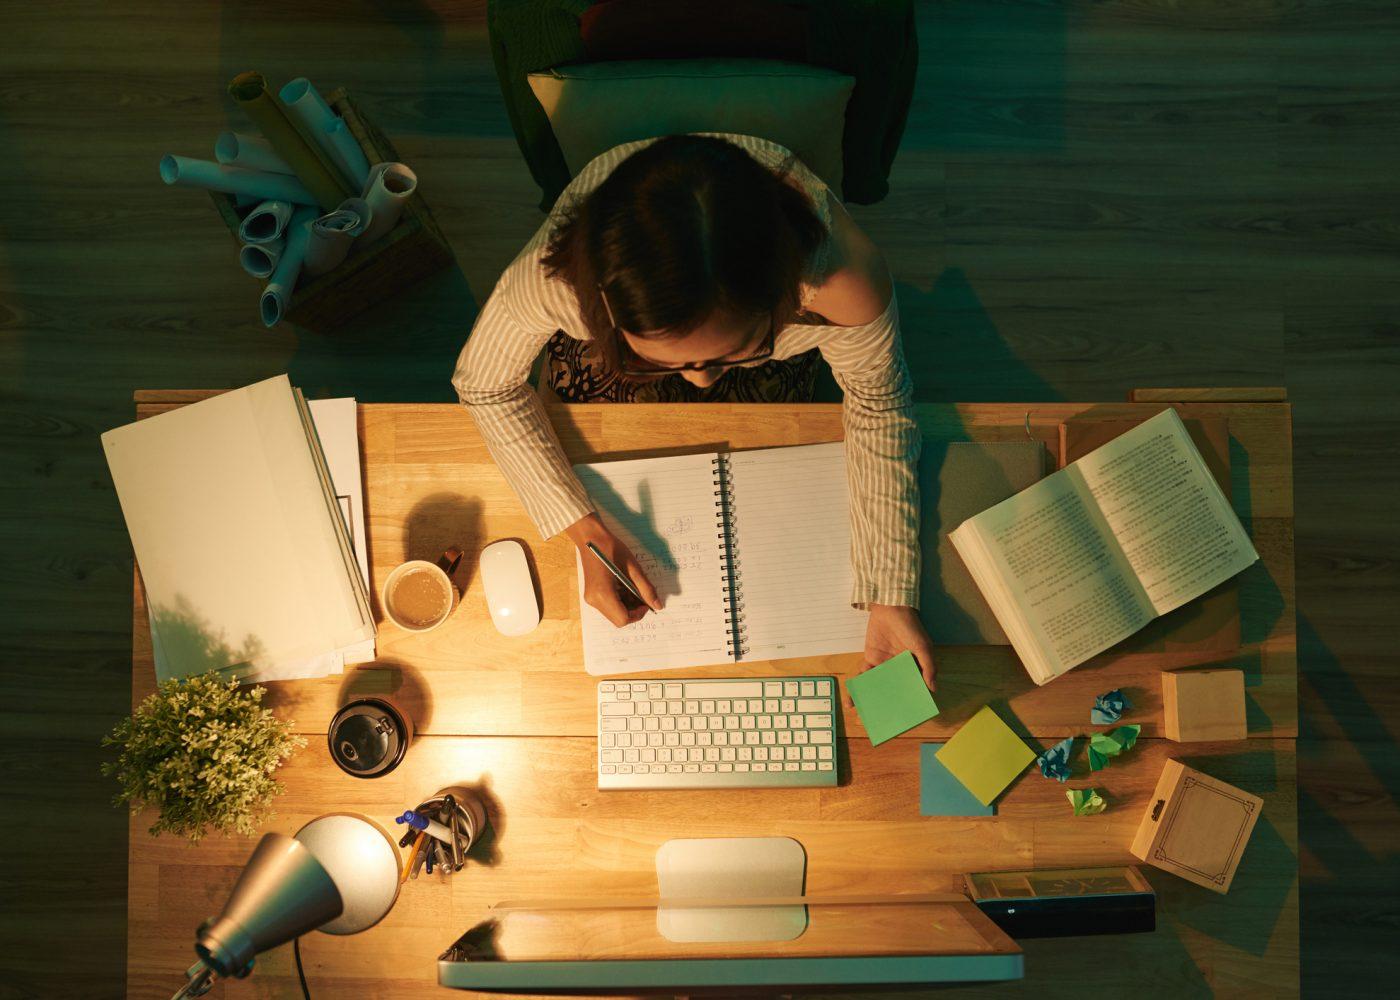 vista de cima de uma jovem a estudar e todo o material